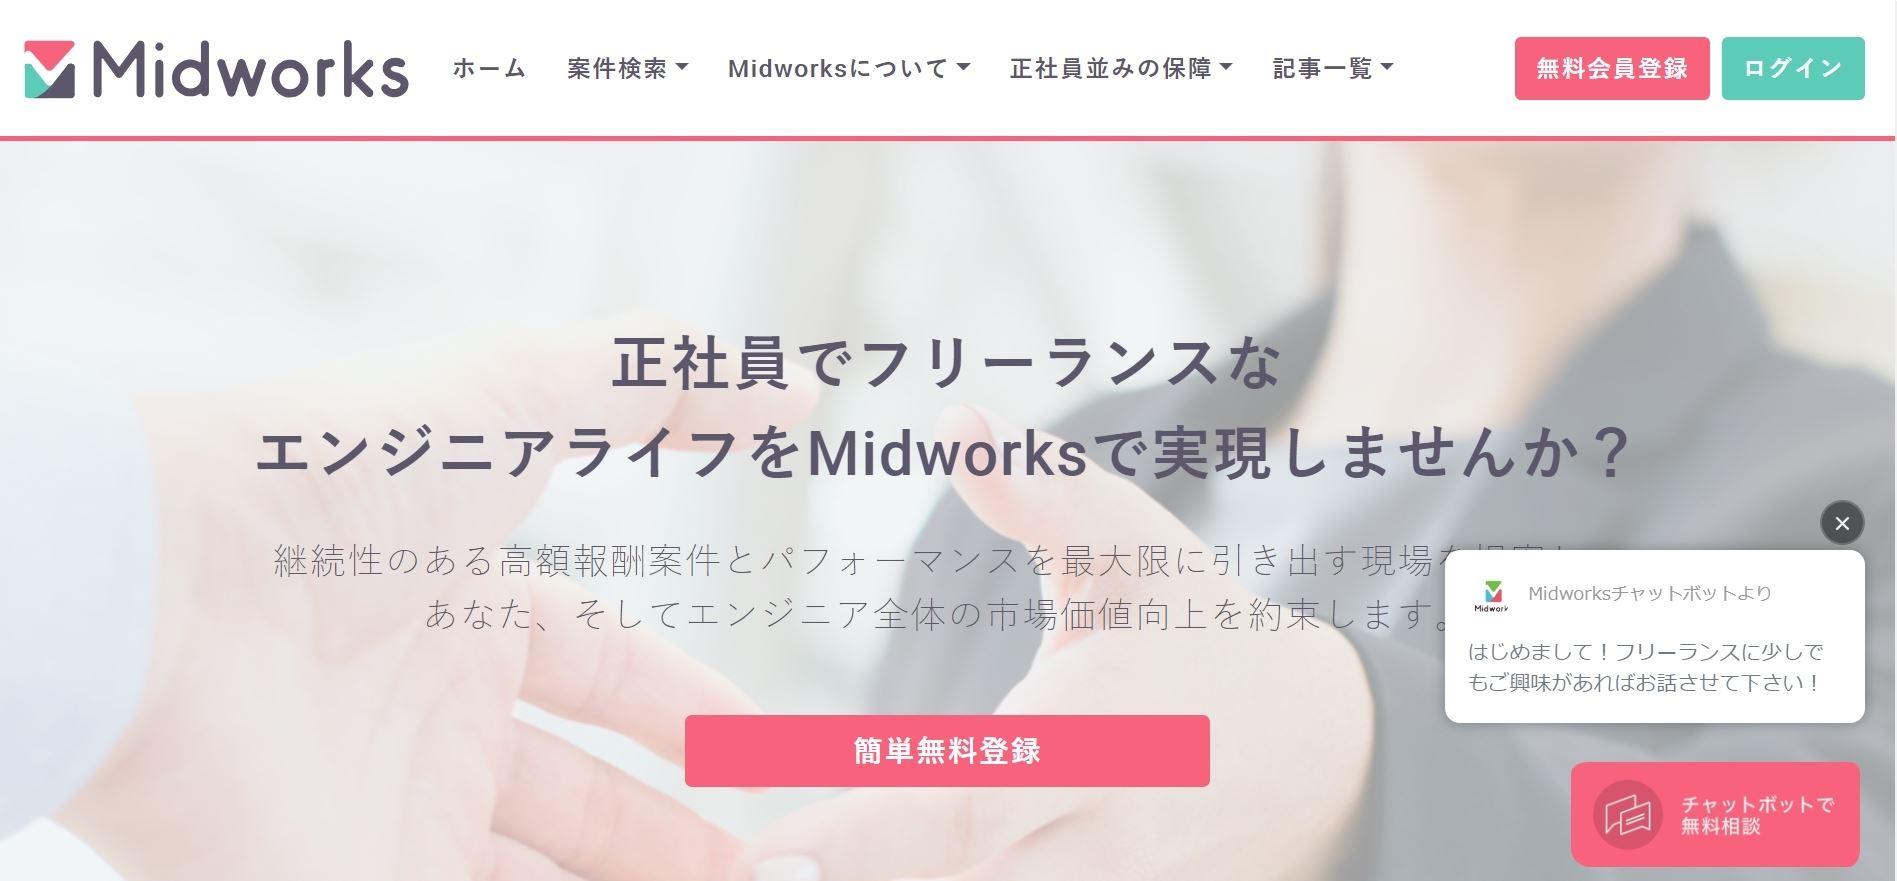 midworksのトップページ